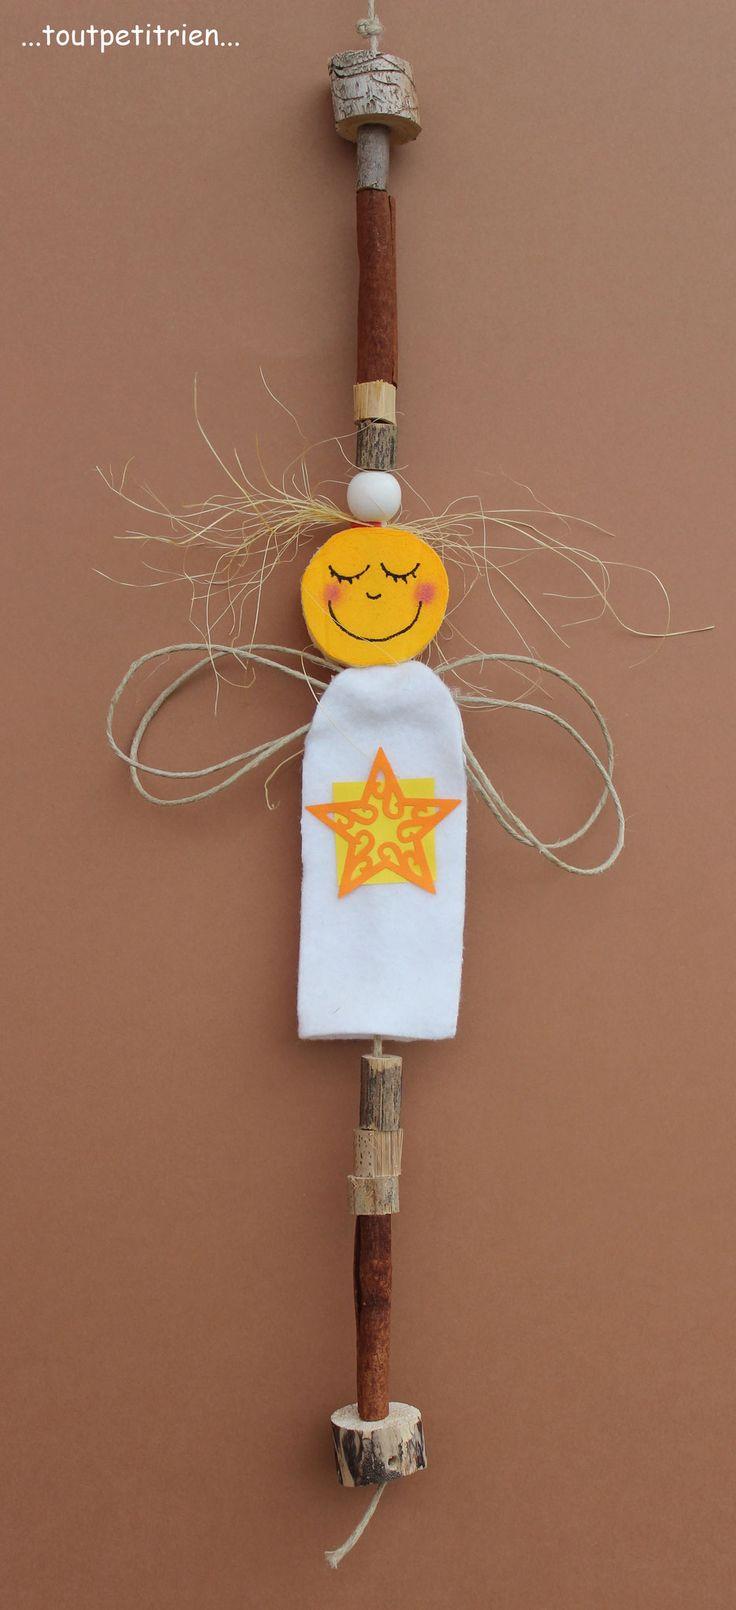 #bricolage #enfant. Ange en feutrine, ficelle et sisal. Le visage est découpé à l'aide d'un emporte-pièce rond dans un sajex compressé. www.toutpetitrien.ch - fleurysylvie.